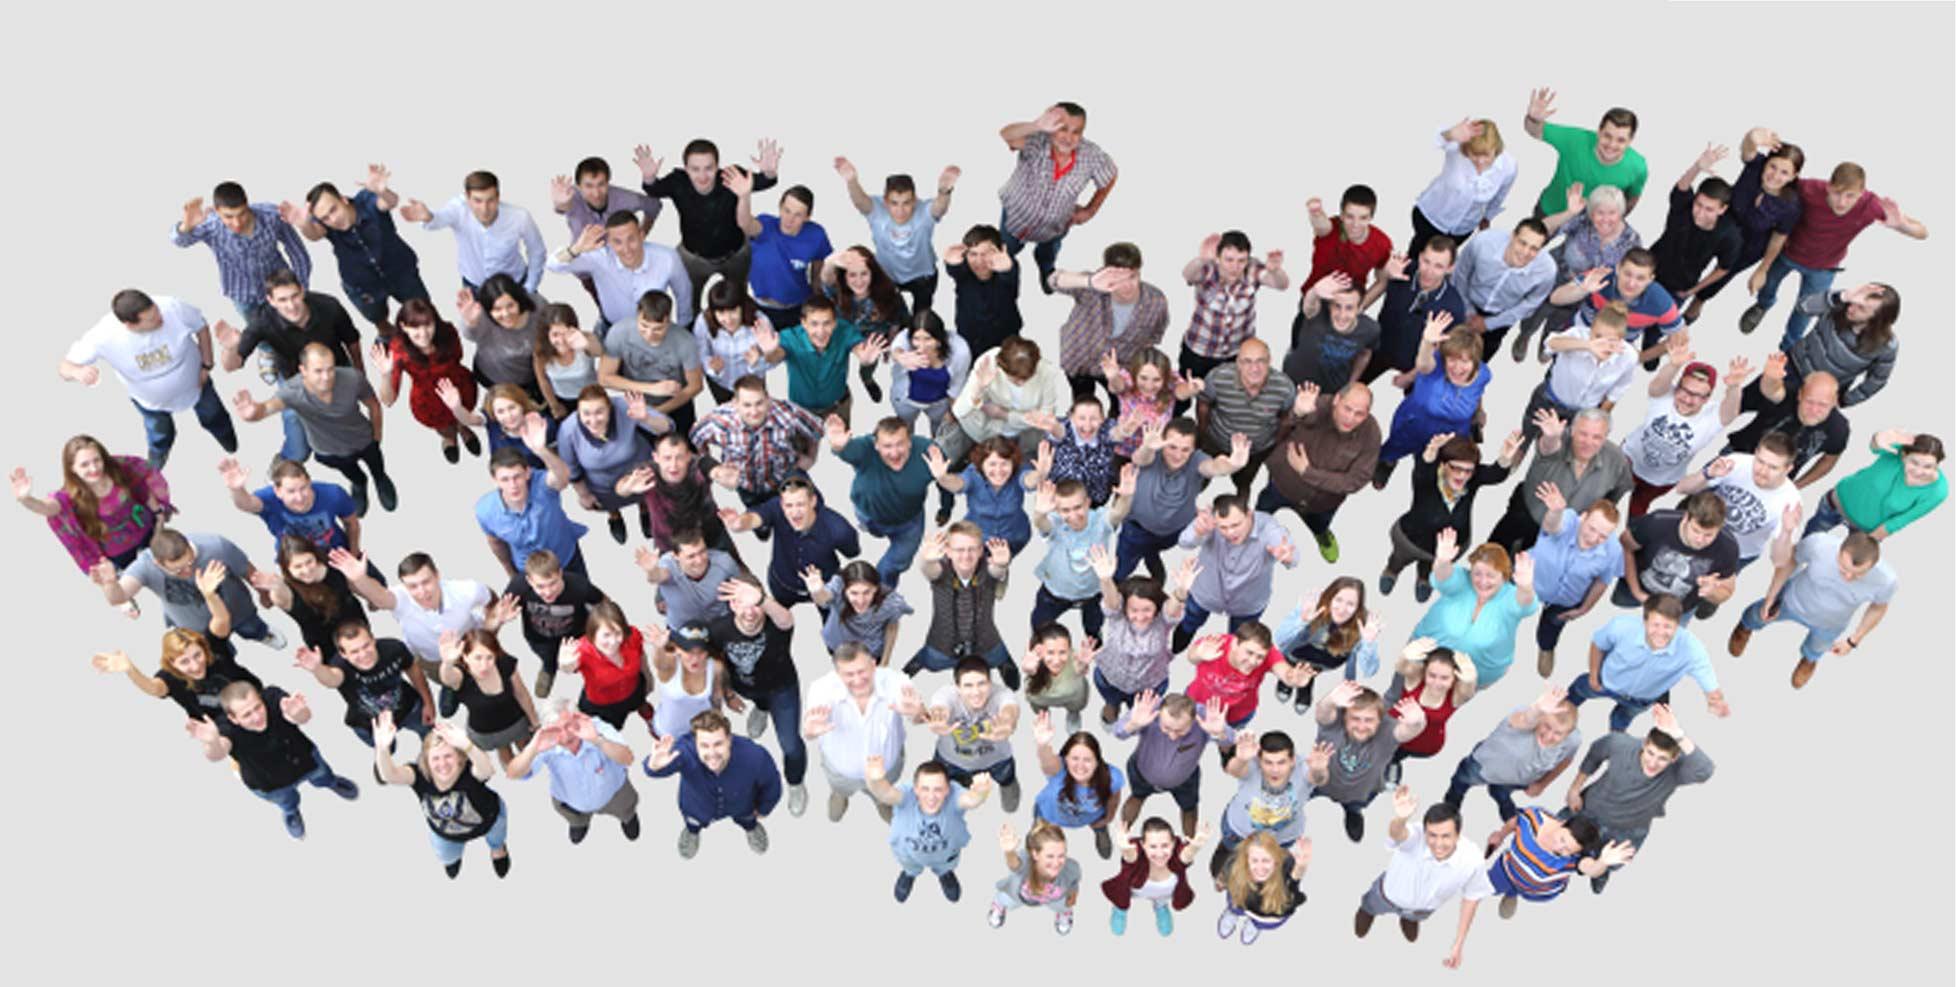 Бизнес-эффекты развития корпоративного волонтерства